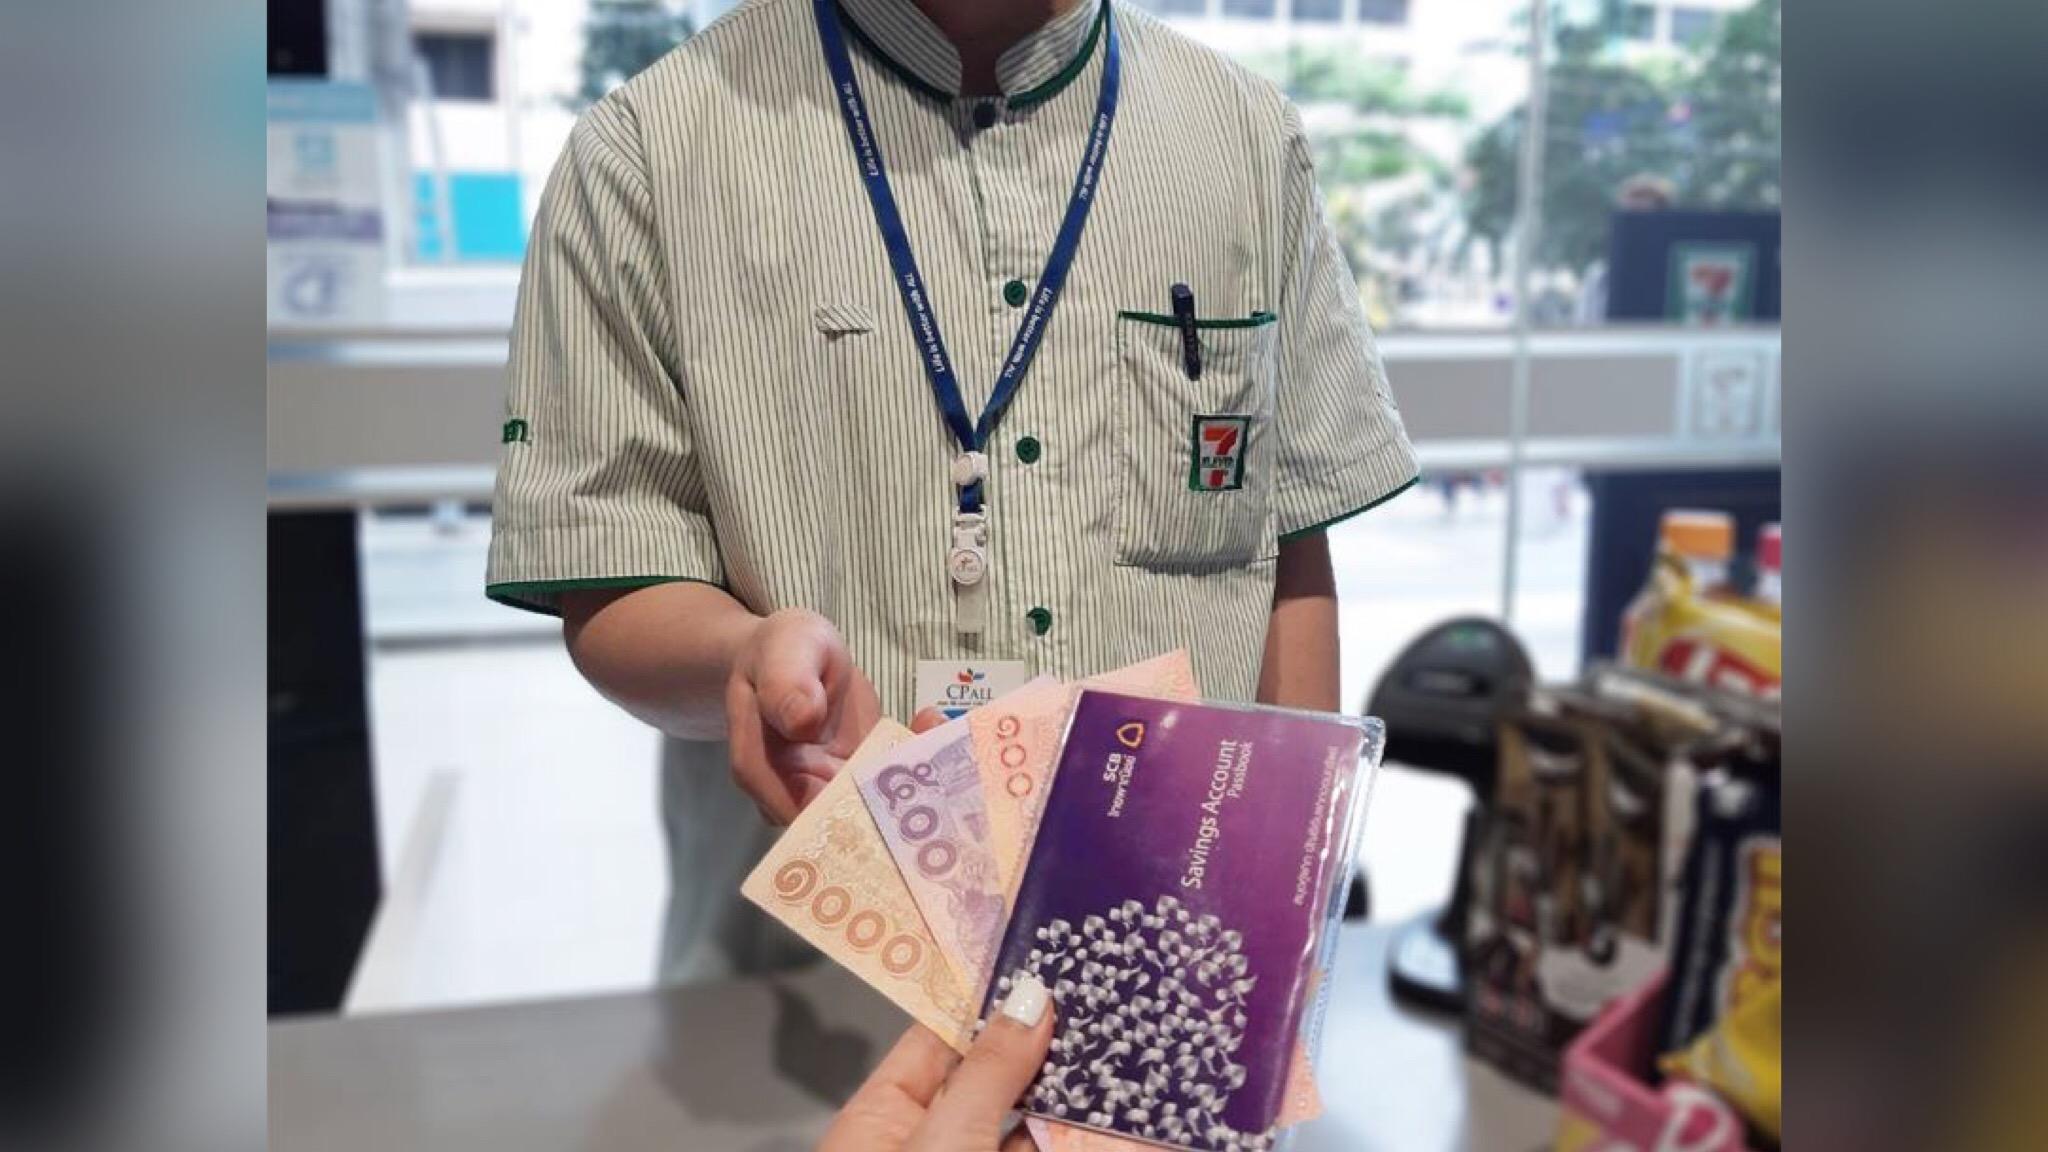 เซเว่นจับมือไทยพาณิชย์ เปิดบริการทำธุรกรรมฝาก-ถอนเงินสด คิดค่าบริการ 15 บ.